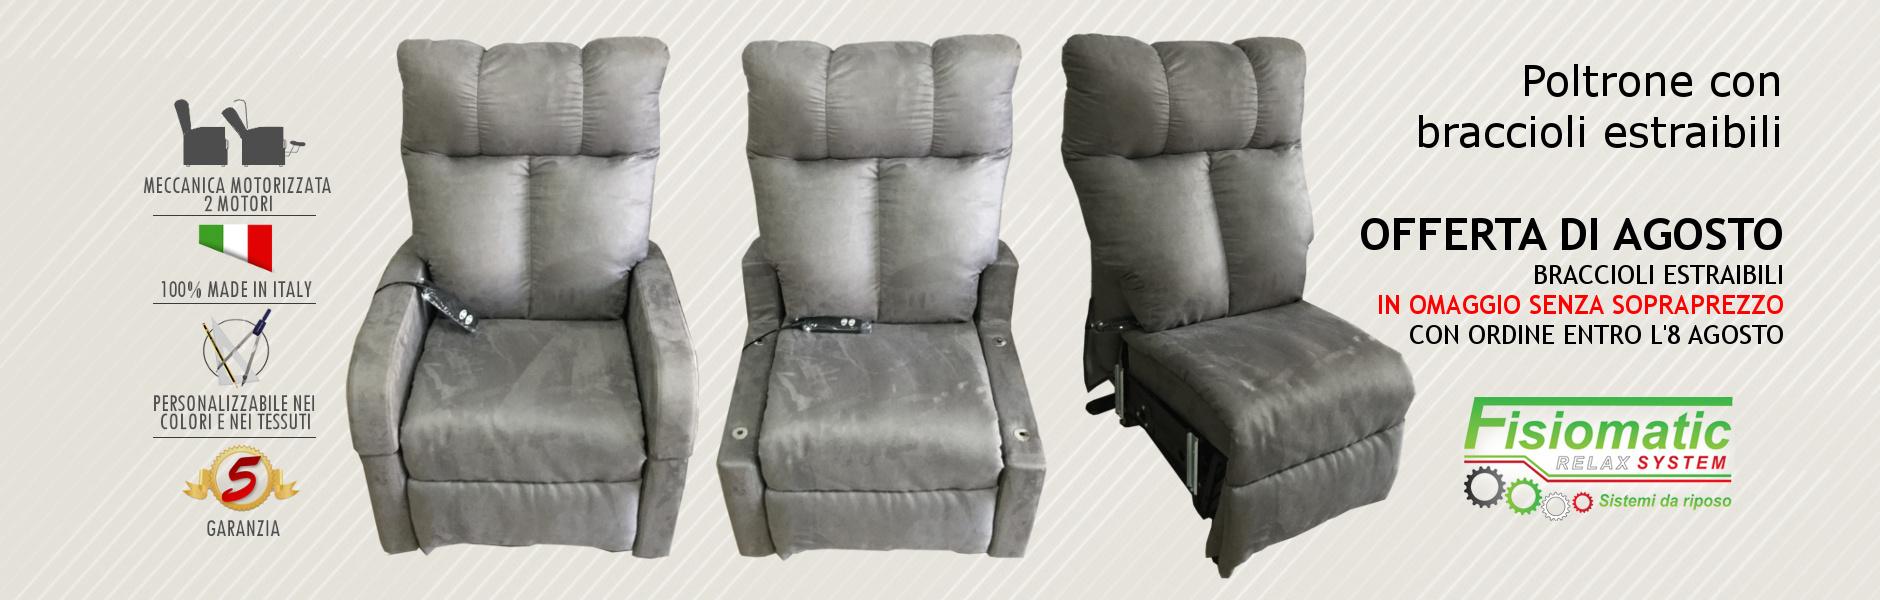 slide-poltrone-con-braccioli-estraibili-fisiomatic-relax-system